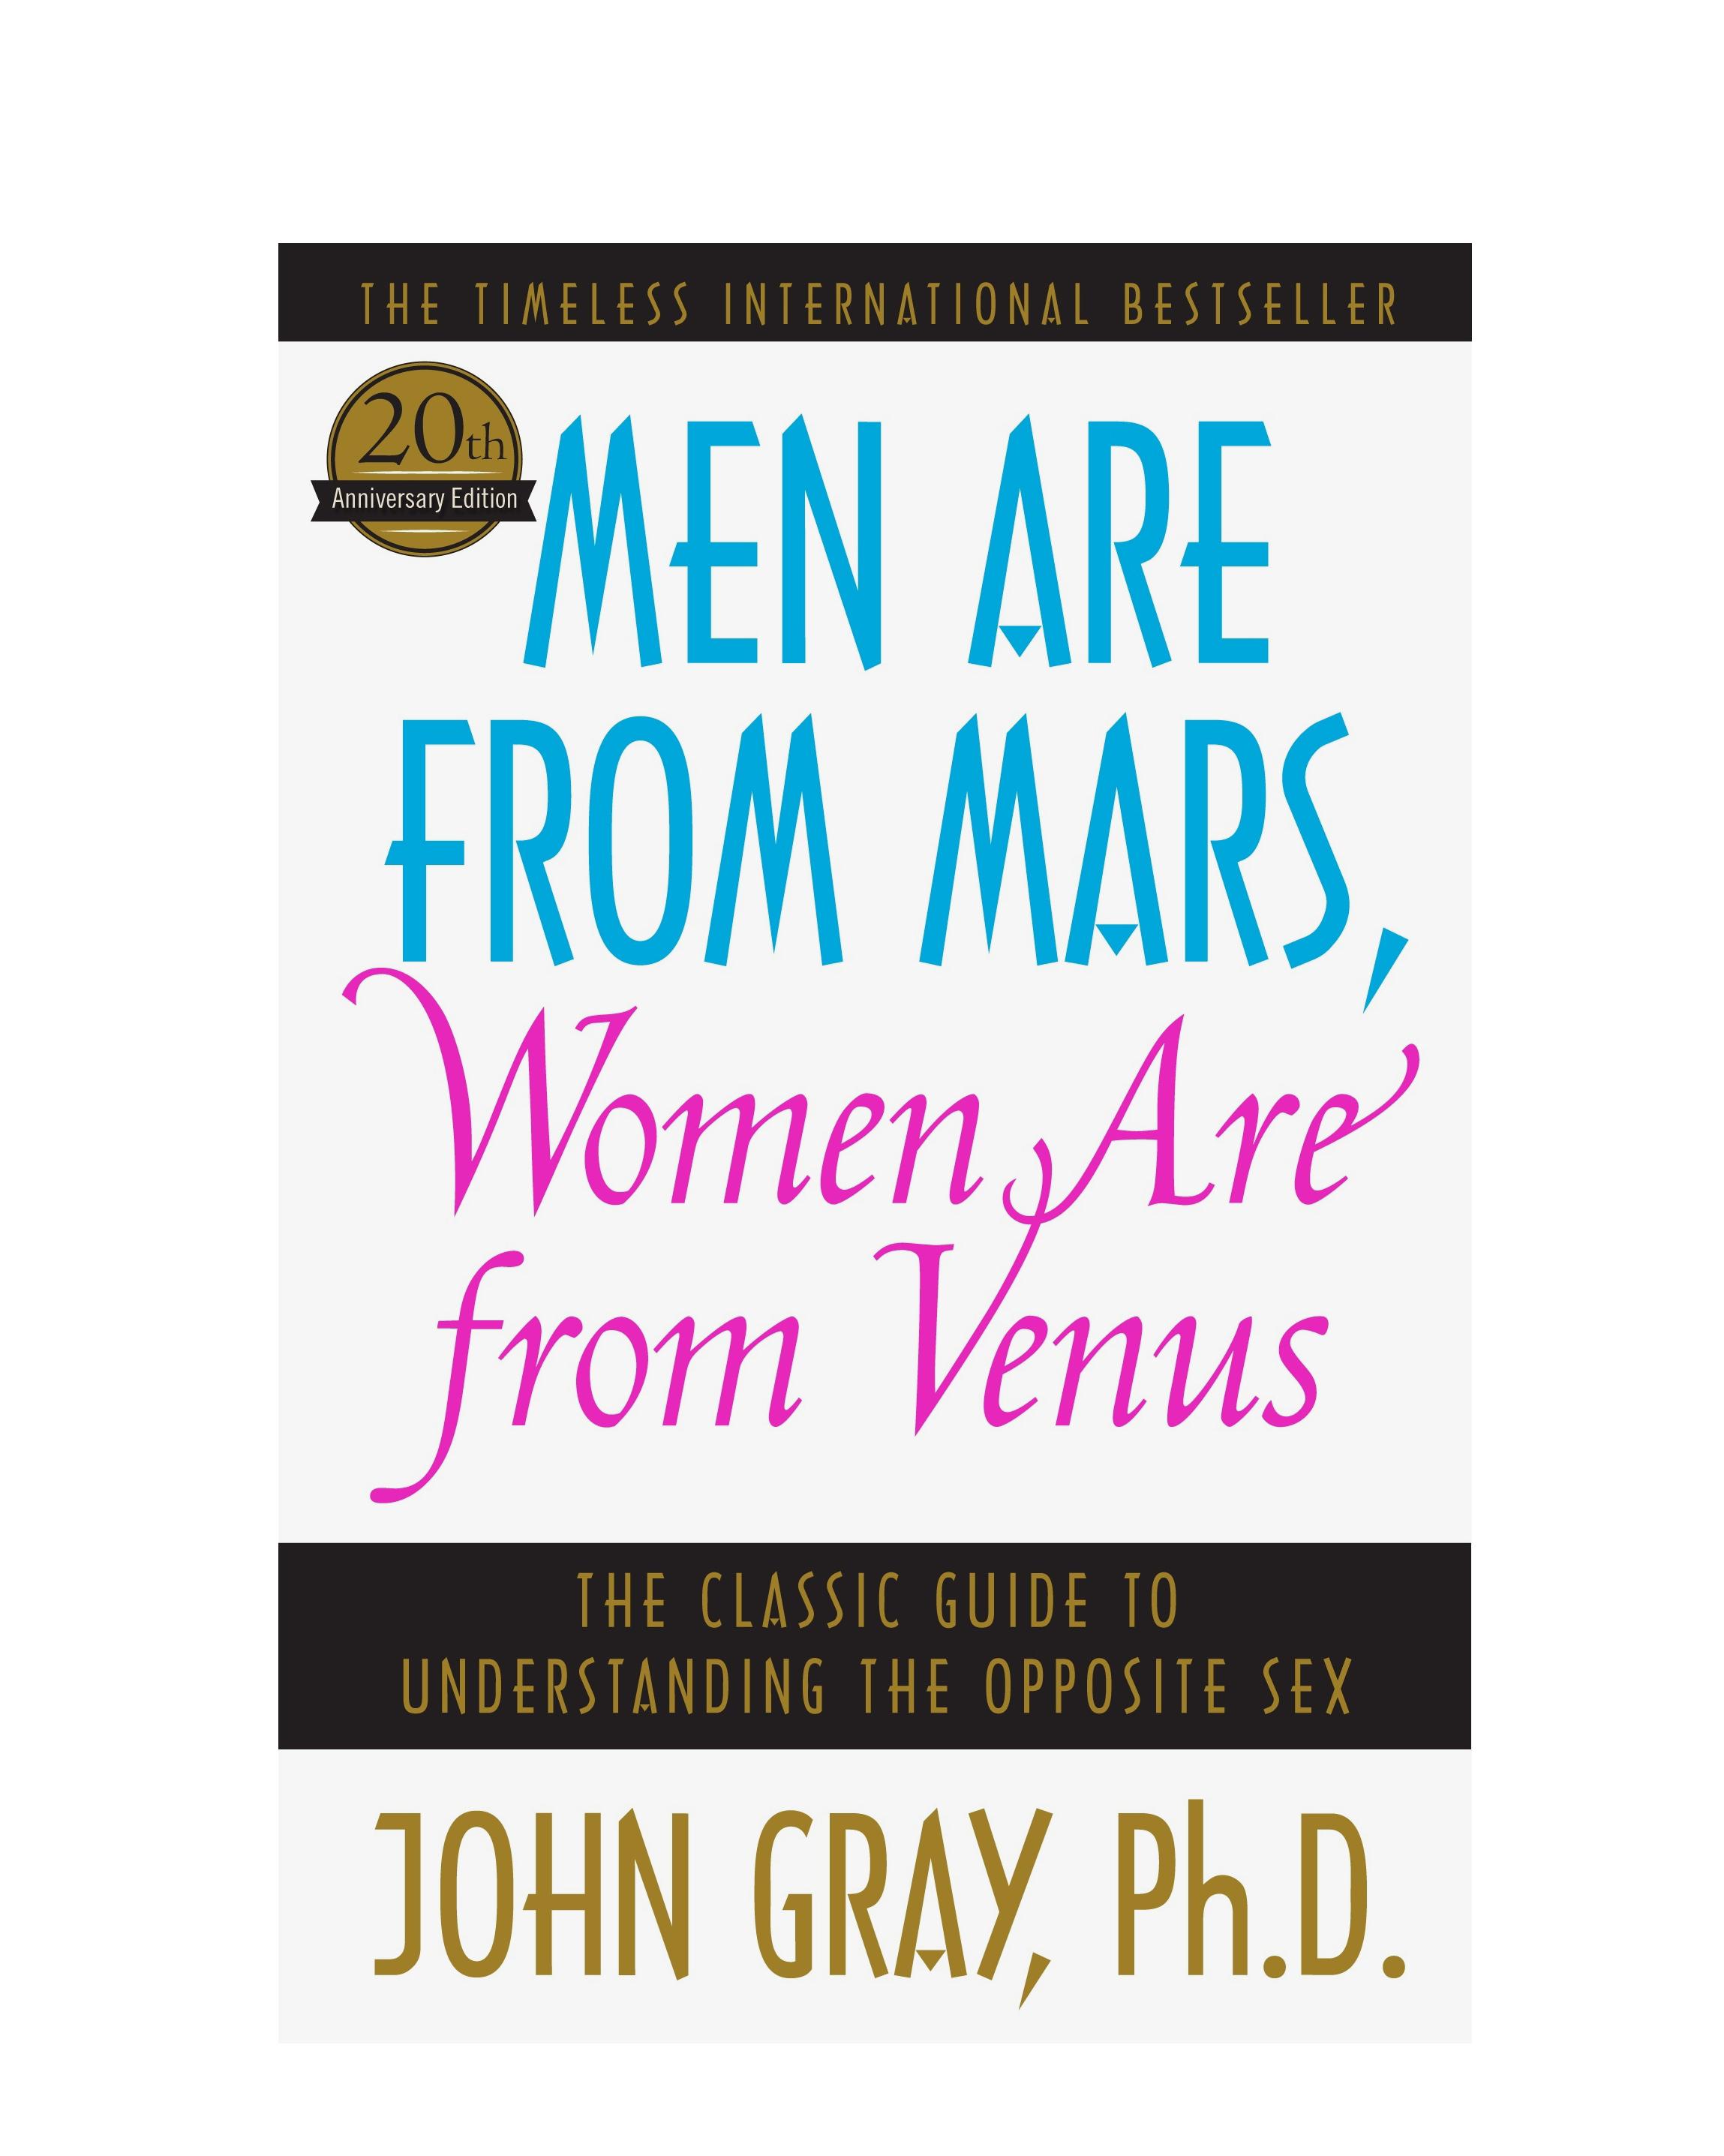 books-for-newlyweds-john-gray-men-are-from-mars-0415.jpg